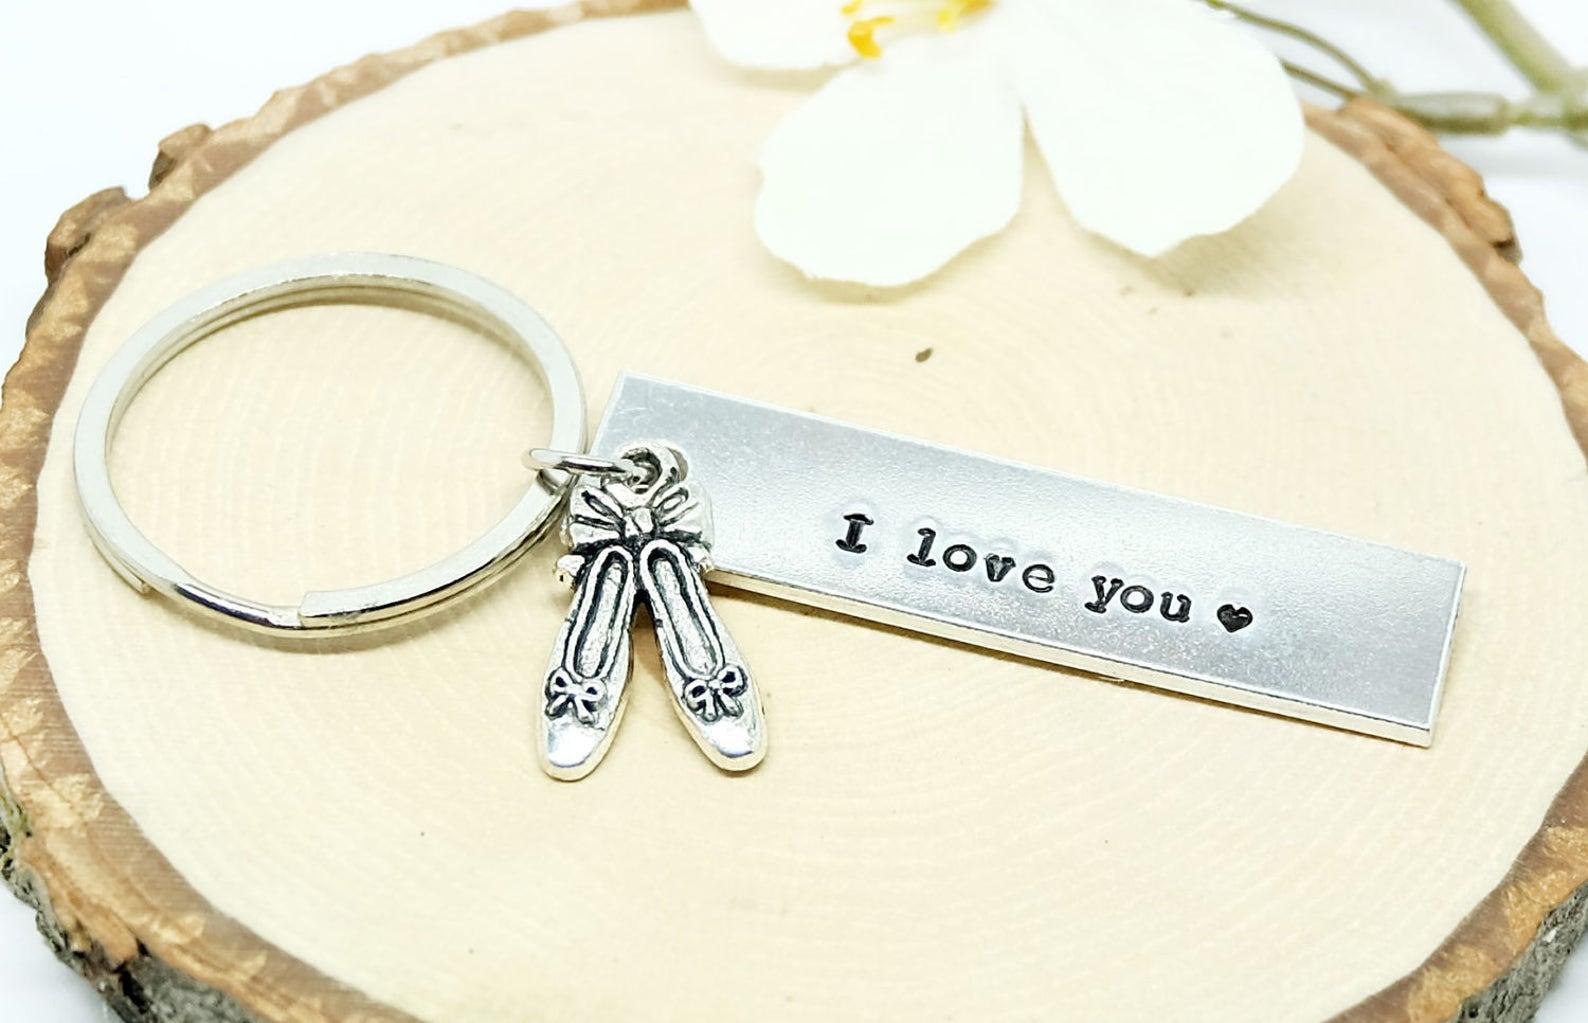 personalize keychain, ballet slipper keychain, ballerina charm, ballerina charm keyring, birthday gift, gift for little girl.